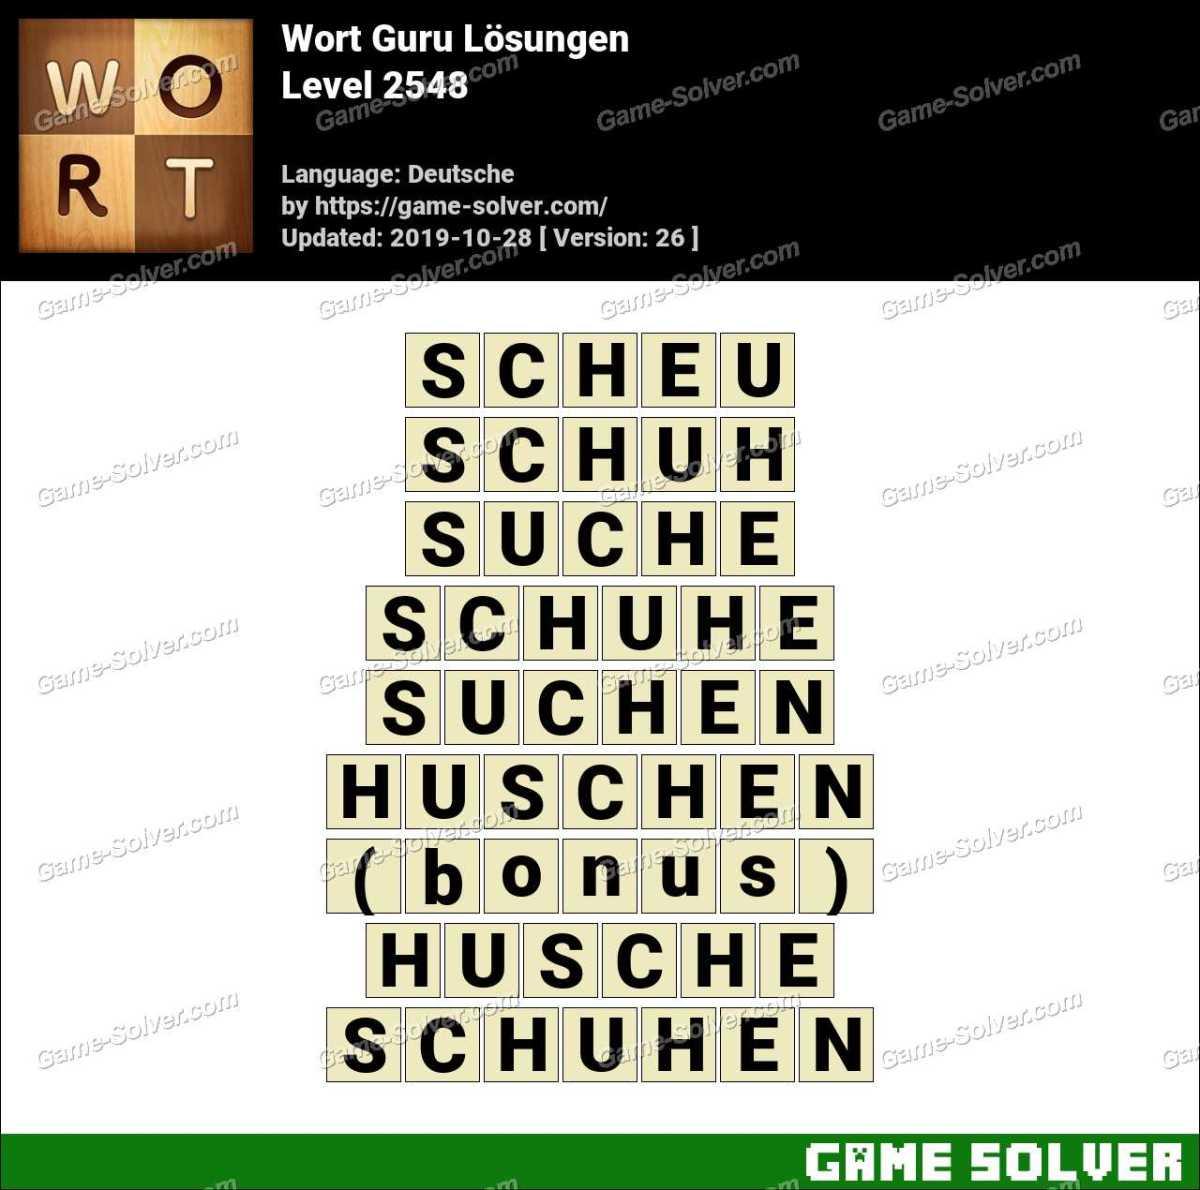 Wort Guru Level 2548 Lösungen